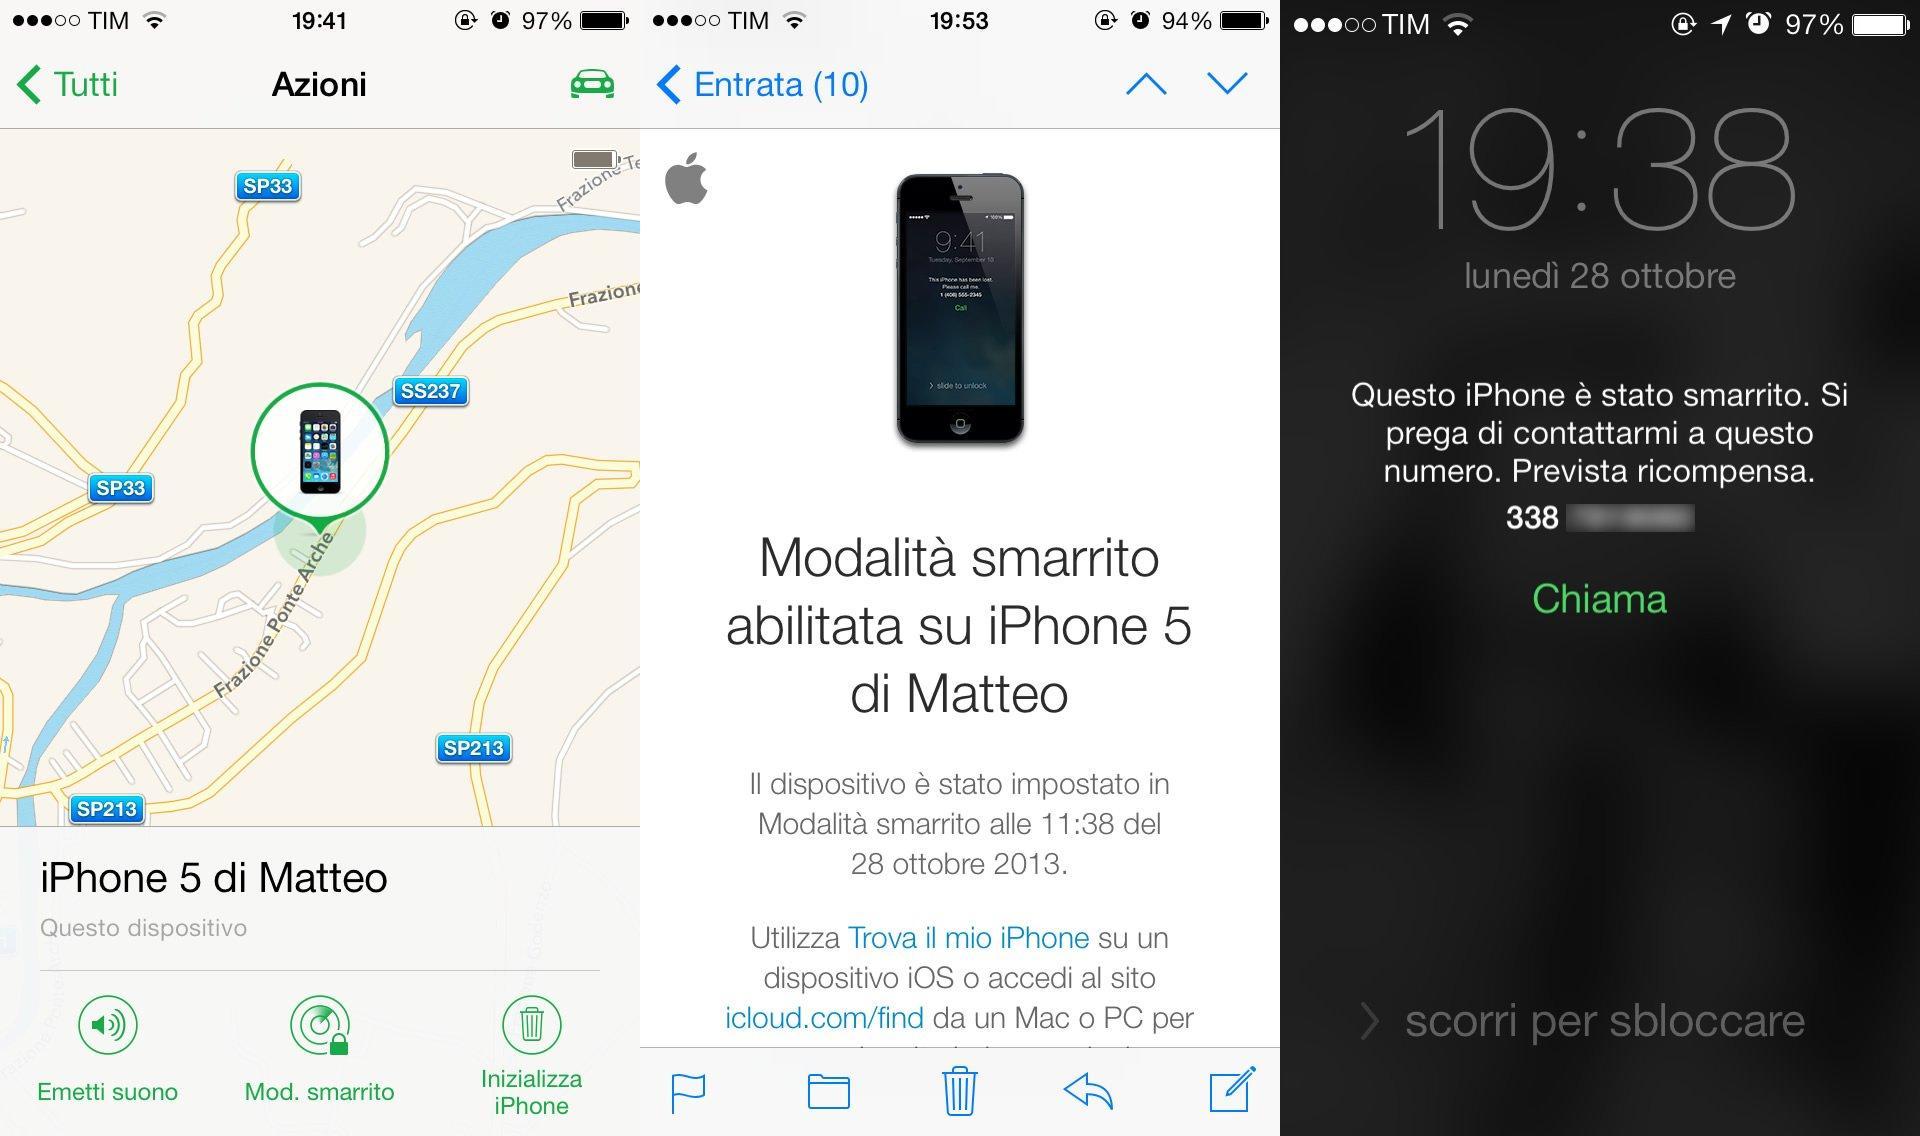 App Trova il mio iPhone: Modalità smarrto